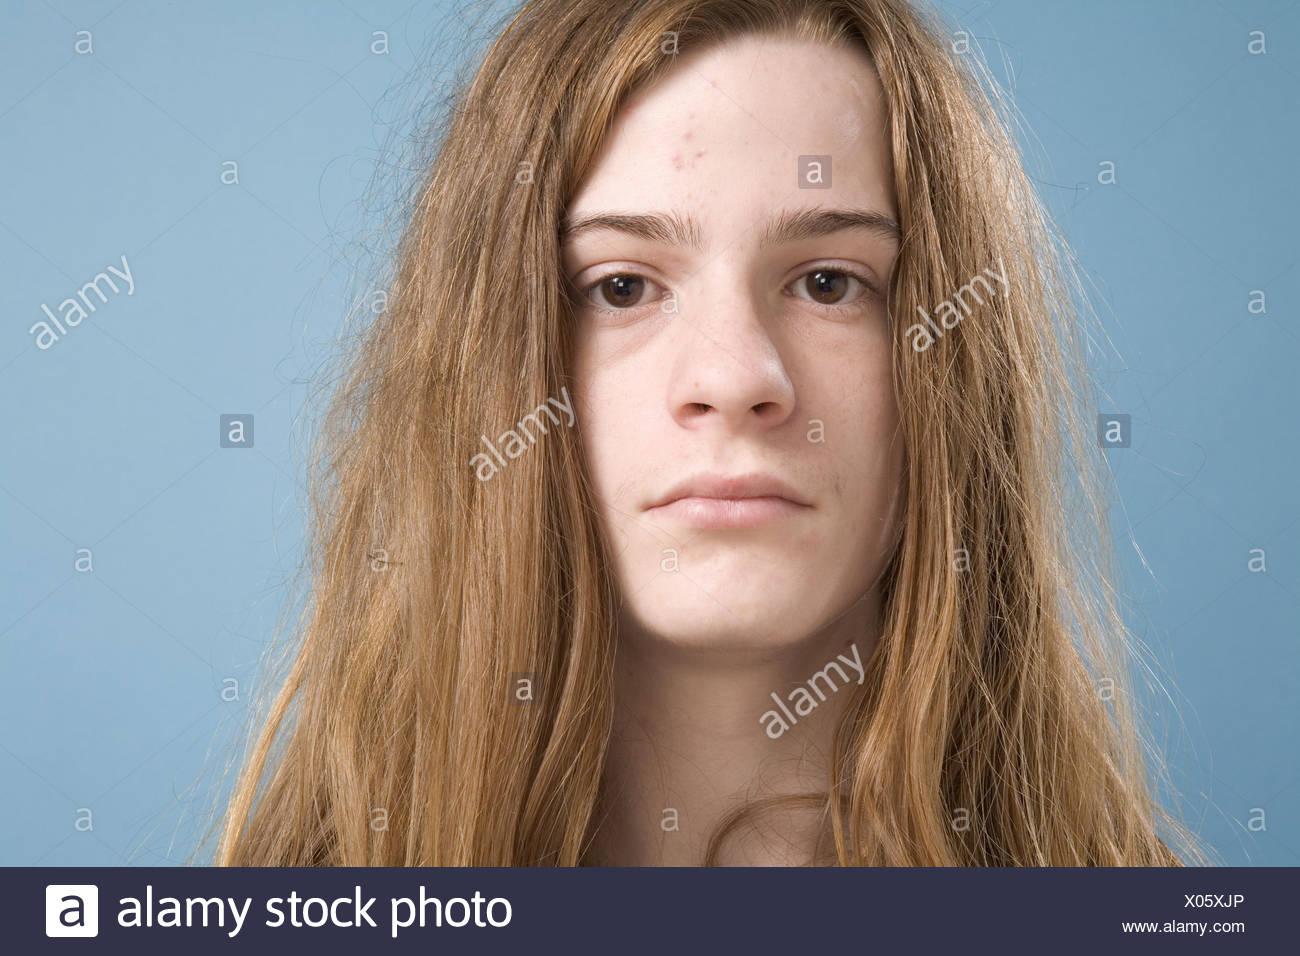 Teen Boy Long Hair Stock Photos & Teen Boy Long Hair Stock